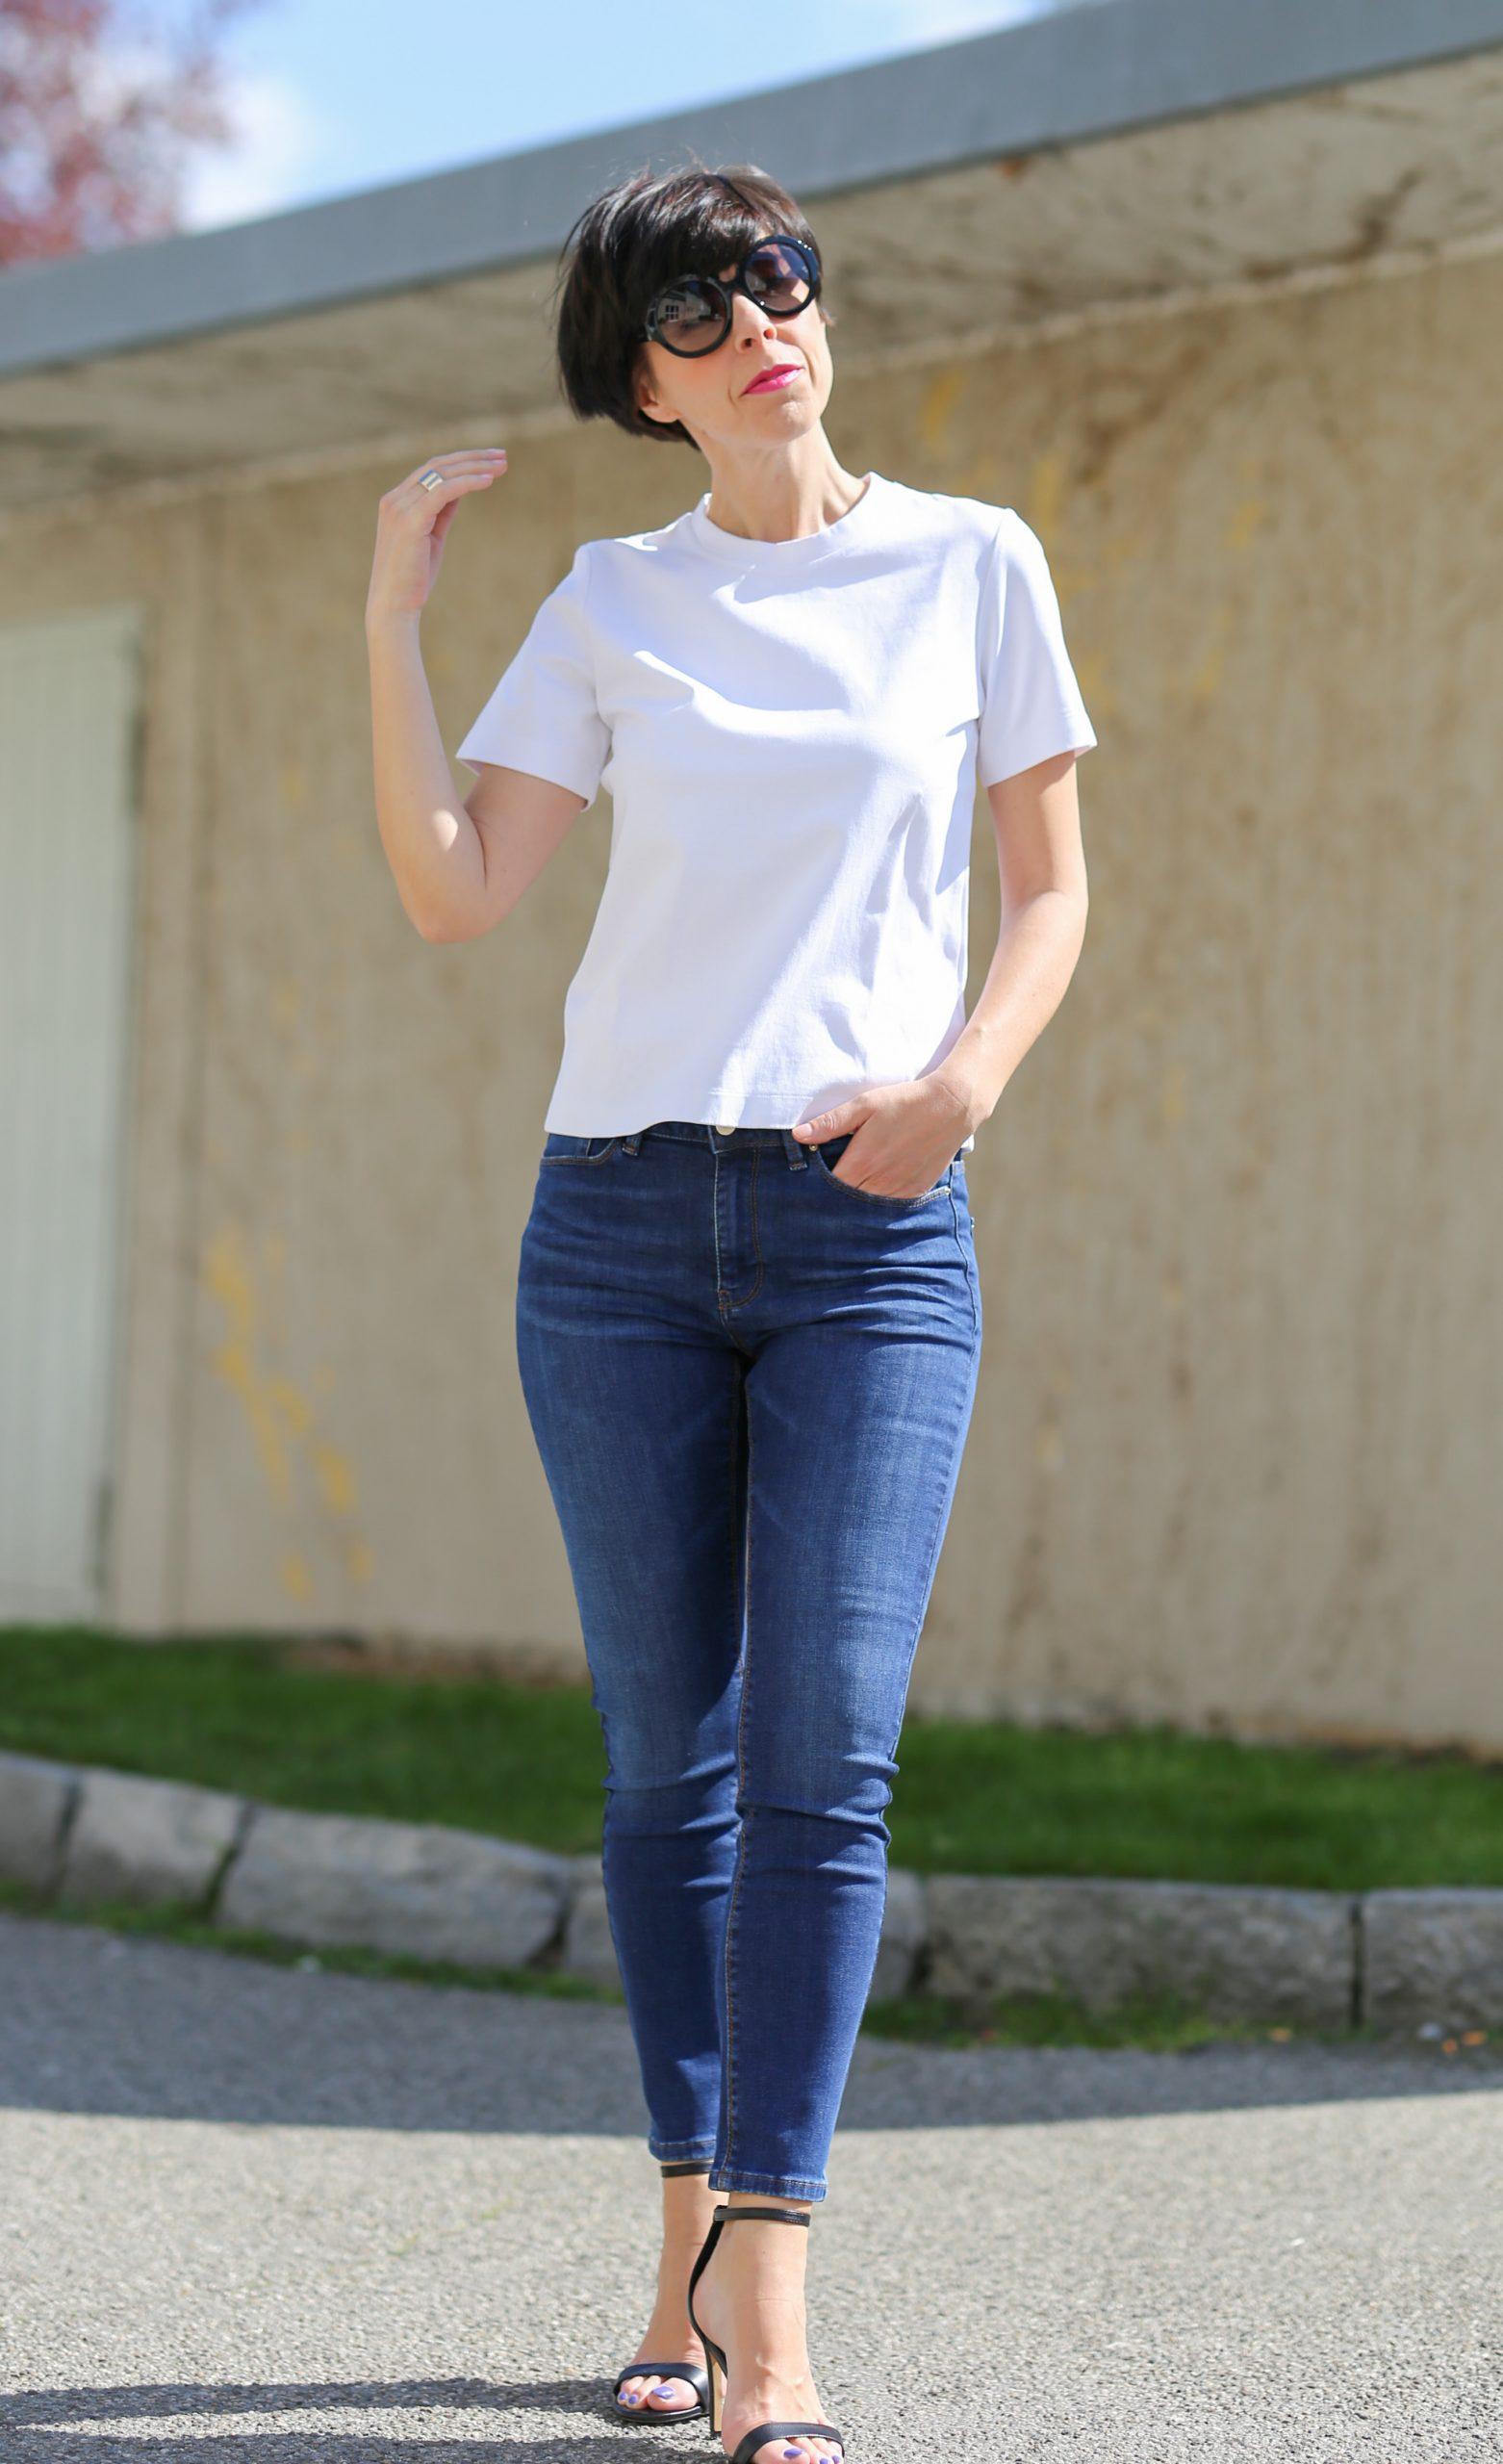 Frau mit kurzem schwarzem Haar und schwarzer Sonnenbrille trägt ein weisses T-Shirt und Skinny Hosen und High Heels